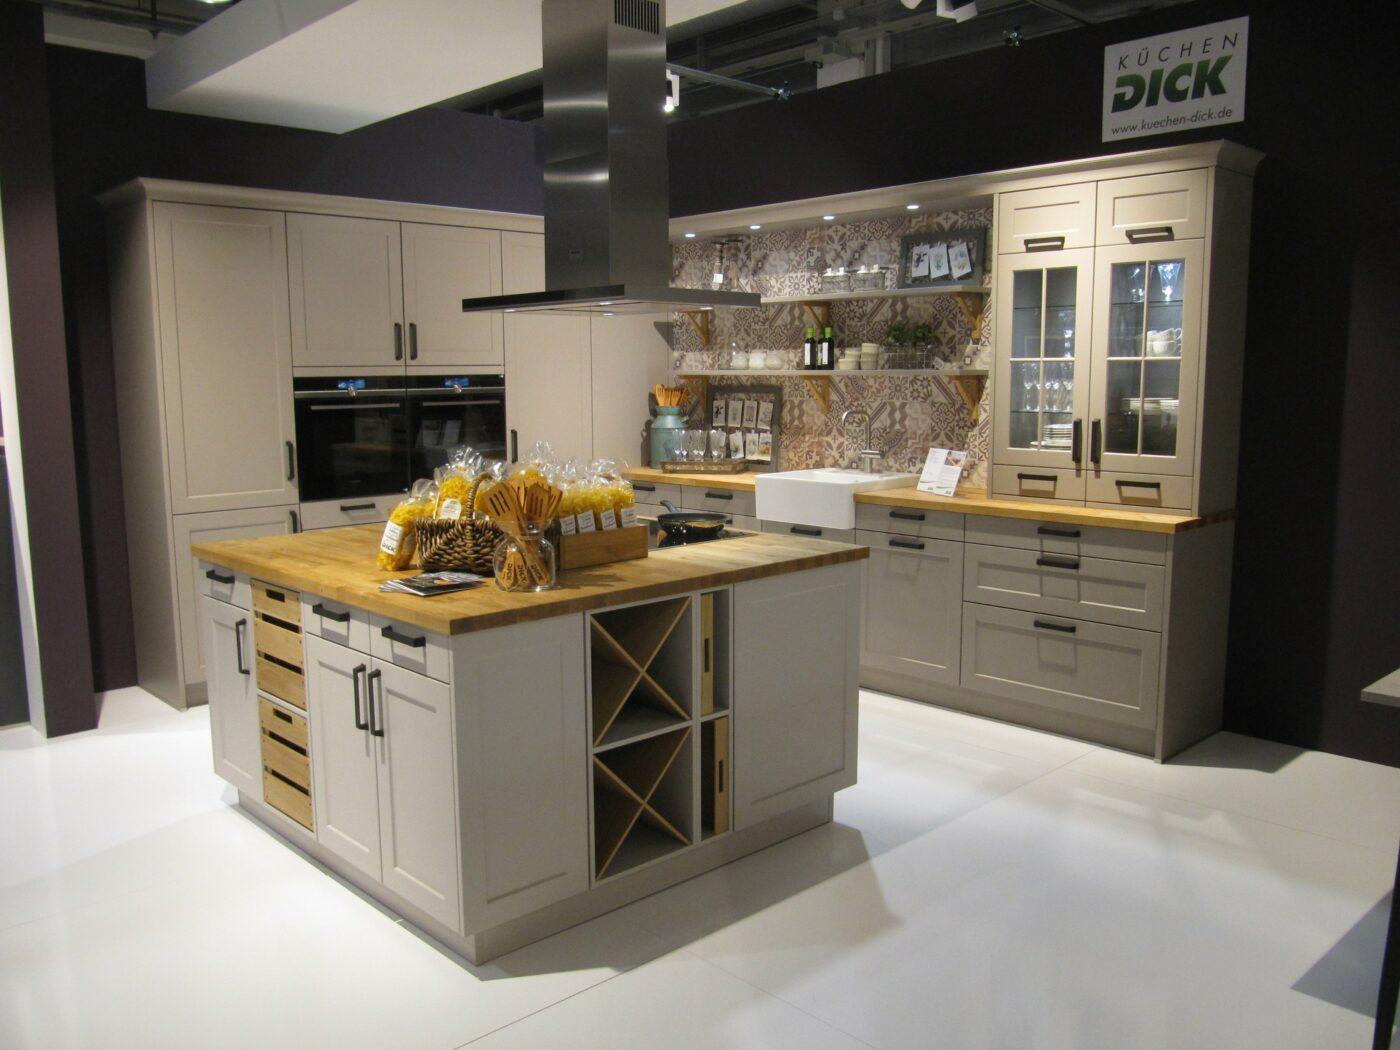 Egal, ob Landhaus-Stil oder minimalistisch modern. Wir haben Küchen in verschiedenen Stilen.